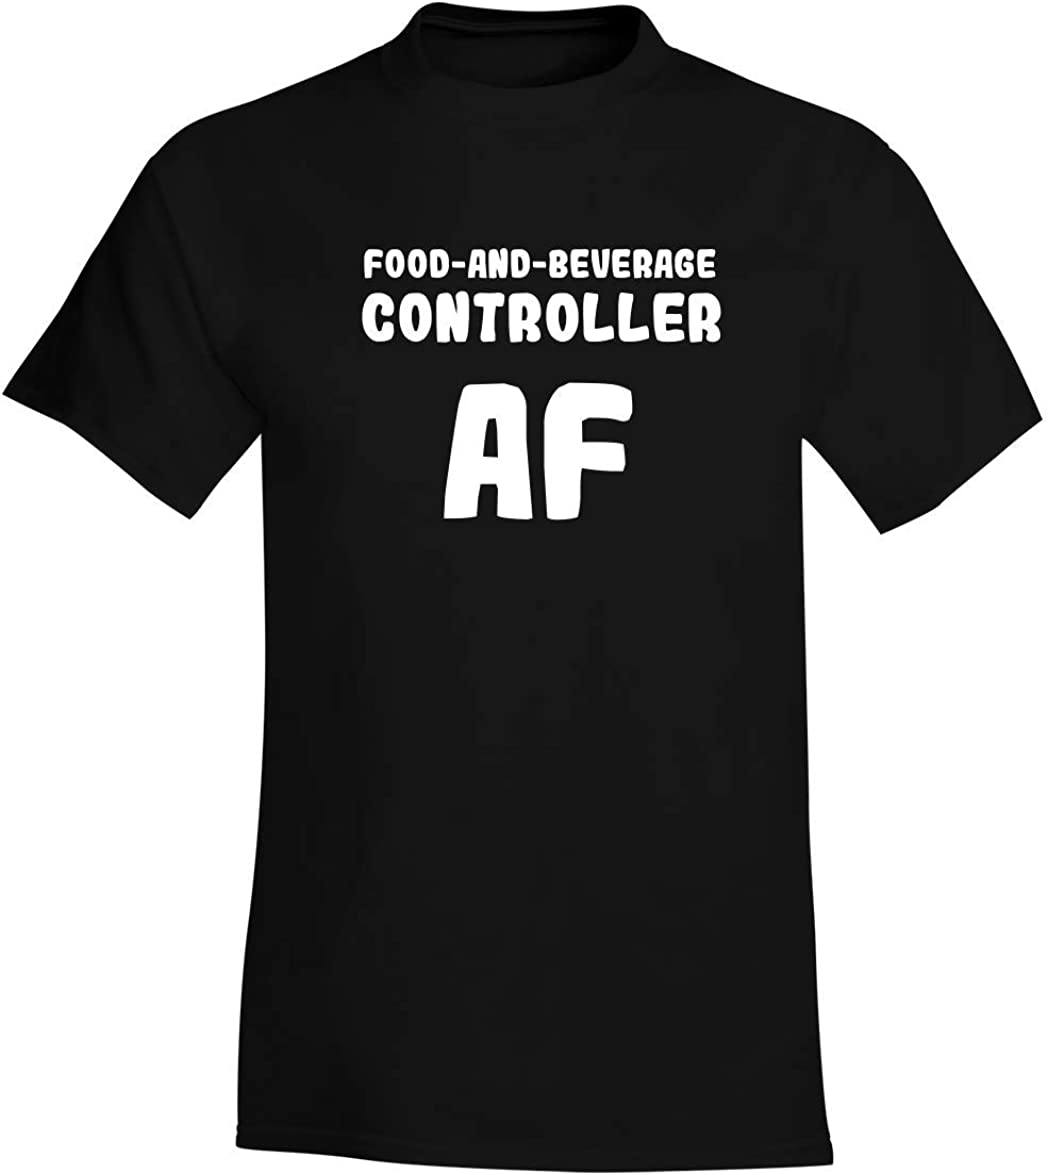 Food-And-Beverage Controller AF - A Soft & Comfortable Men's T-Shirt